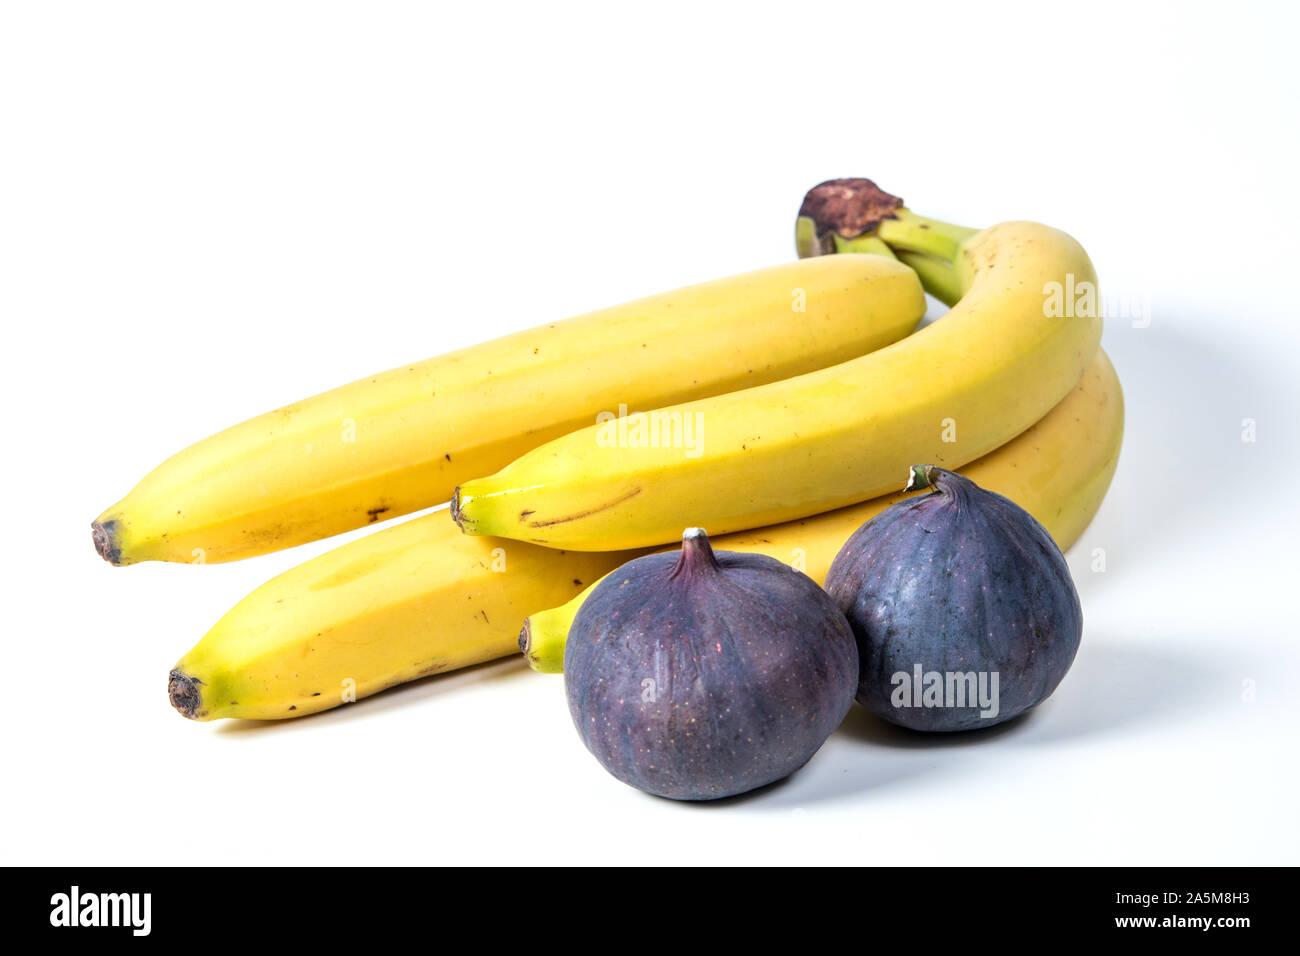 Feigen und Bananen, schöne Früchte, Bananen, lila Feigen, Nahaufnahme, Vitamine Konzept, veganes Essen, gesunde Ernährung, Stockfoto